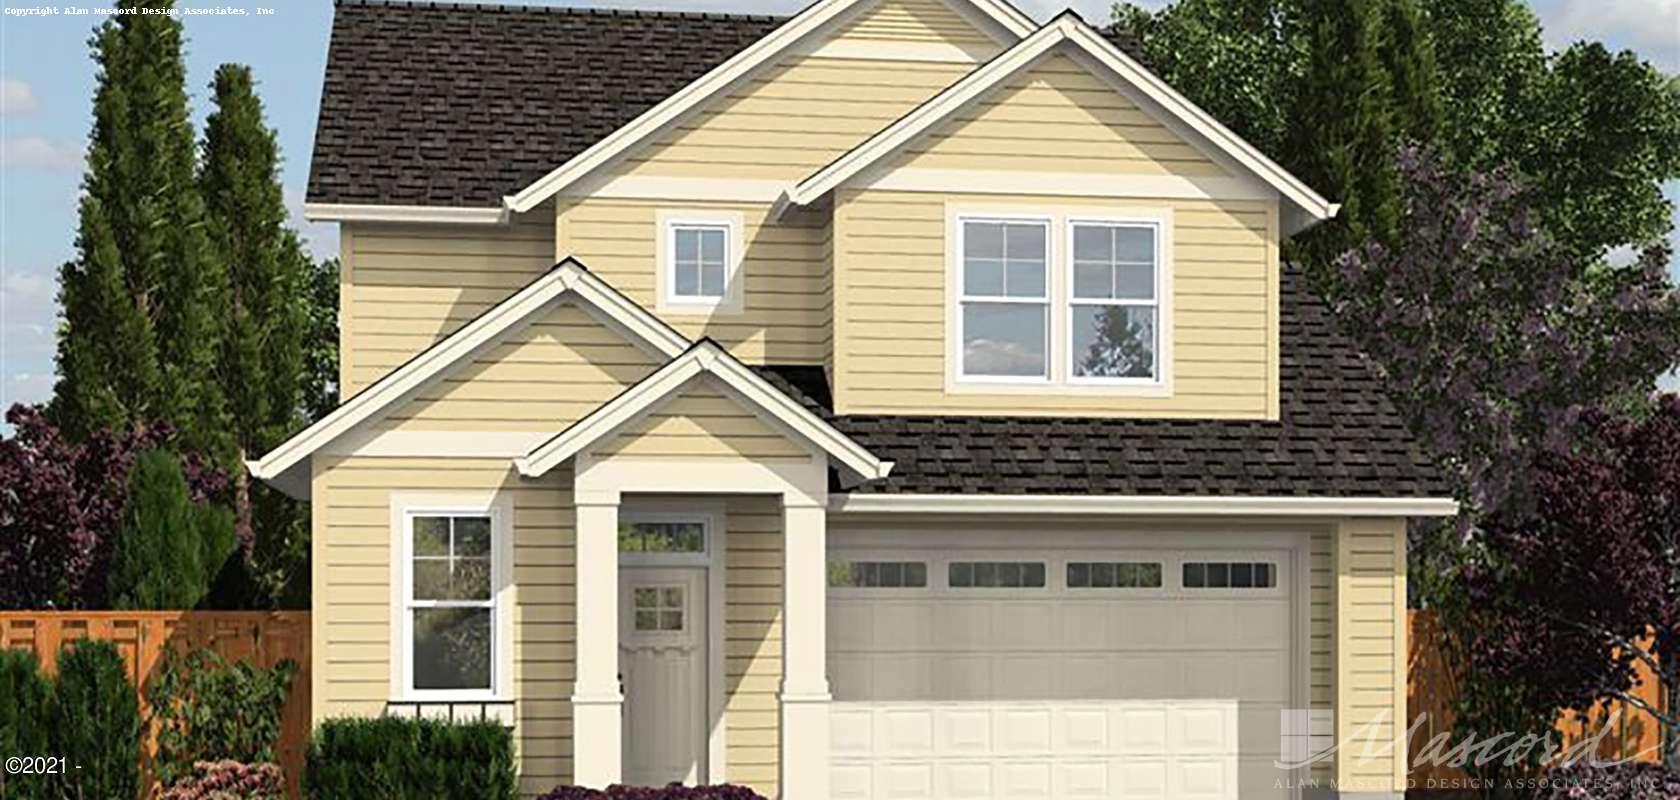 4245 Sequoia Loop, Netarts, OR 97143 - Rendering of exterior